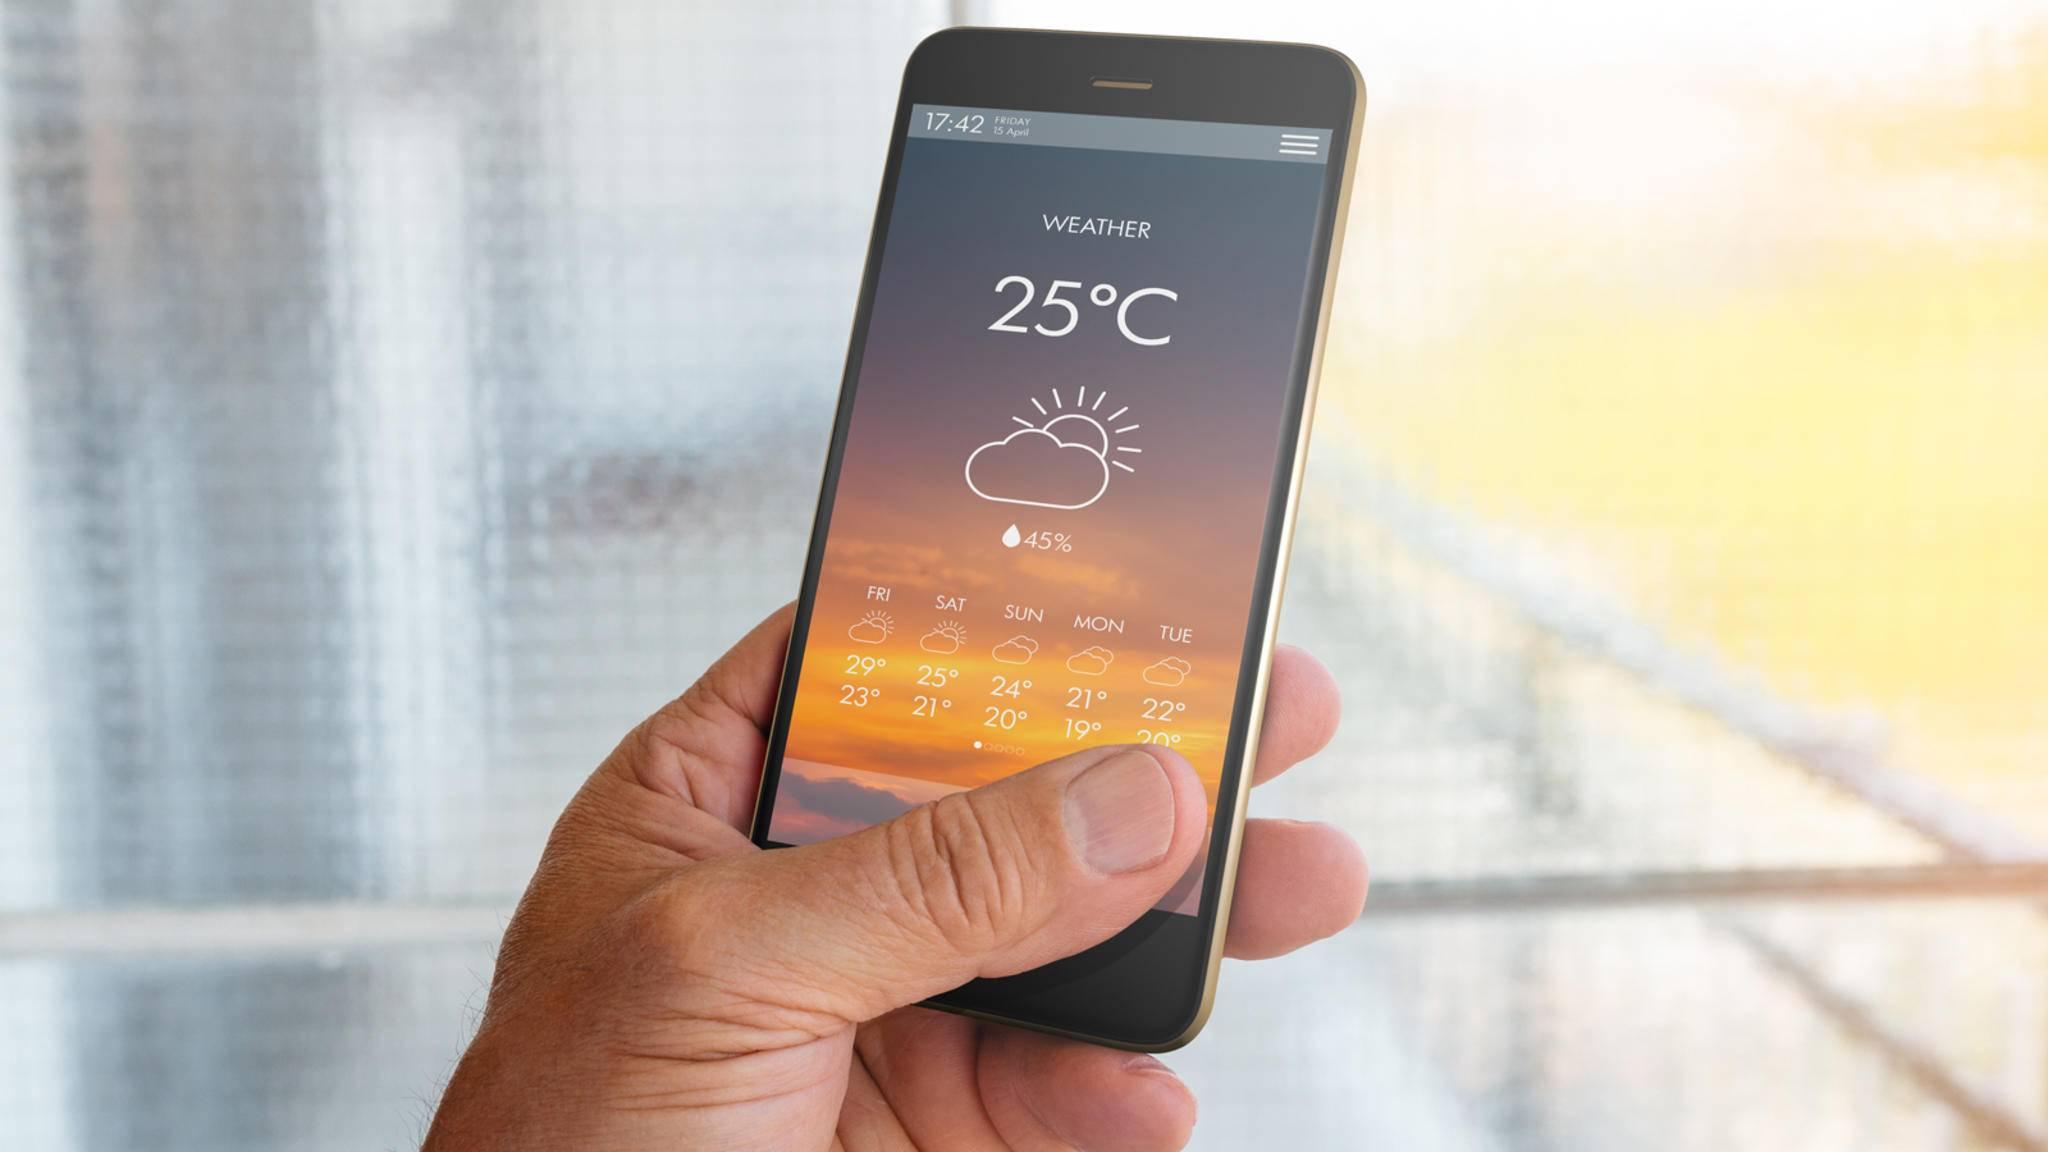 Wetter-App Smartphone